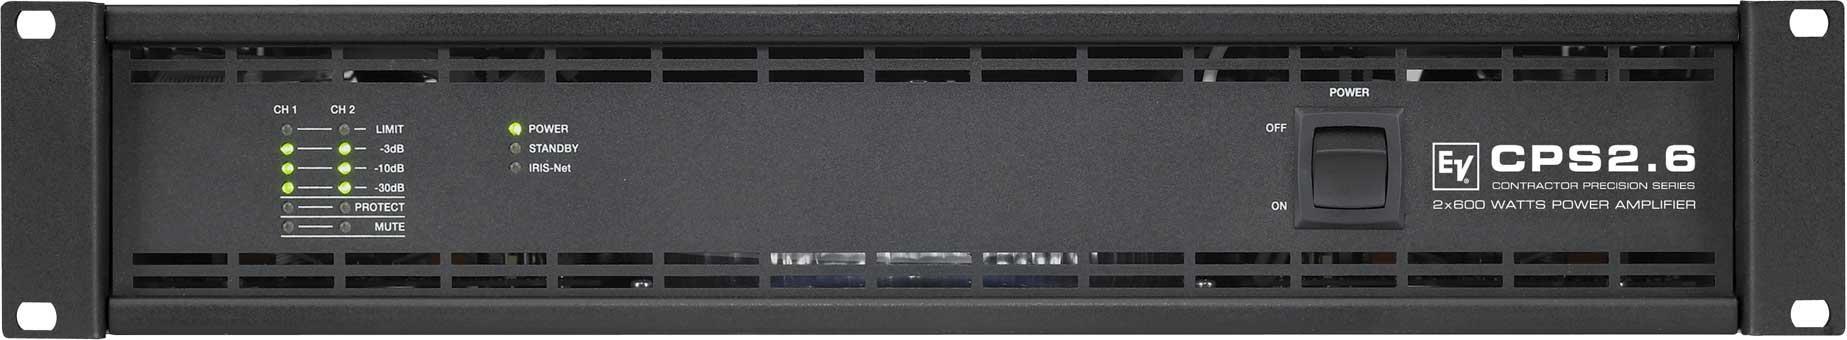 Power Amplifier, 2-Channel, 2 x 500W @ 4 ohms